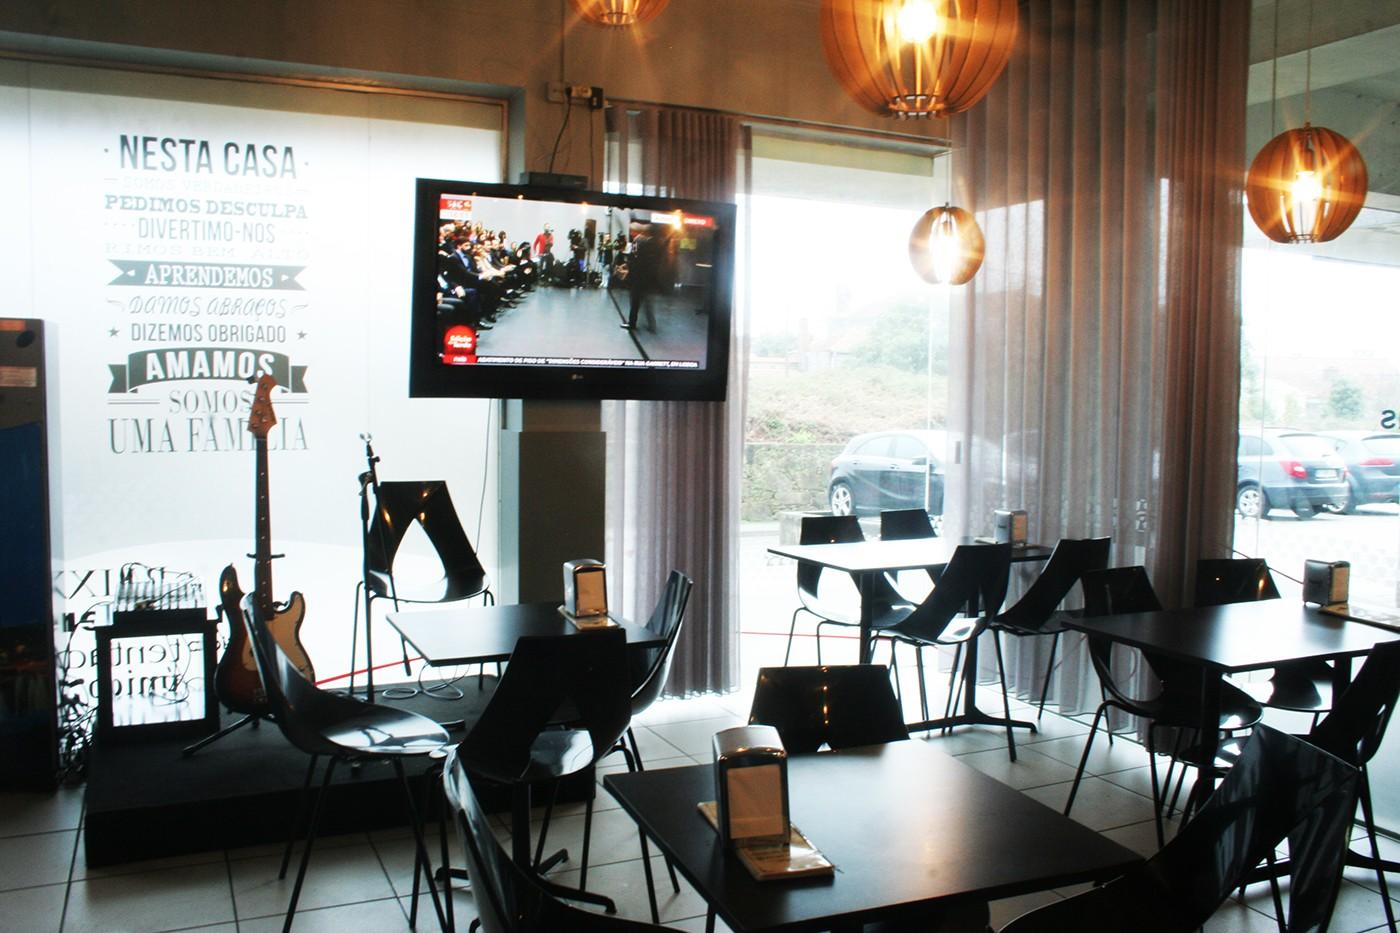 O Som das Palavras - Café Snack-Bar